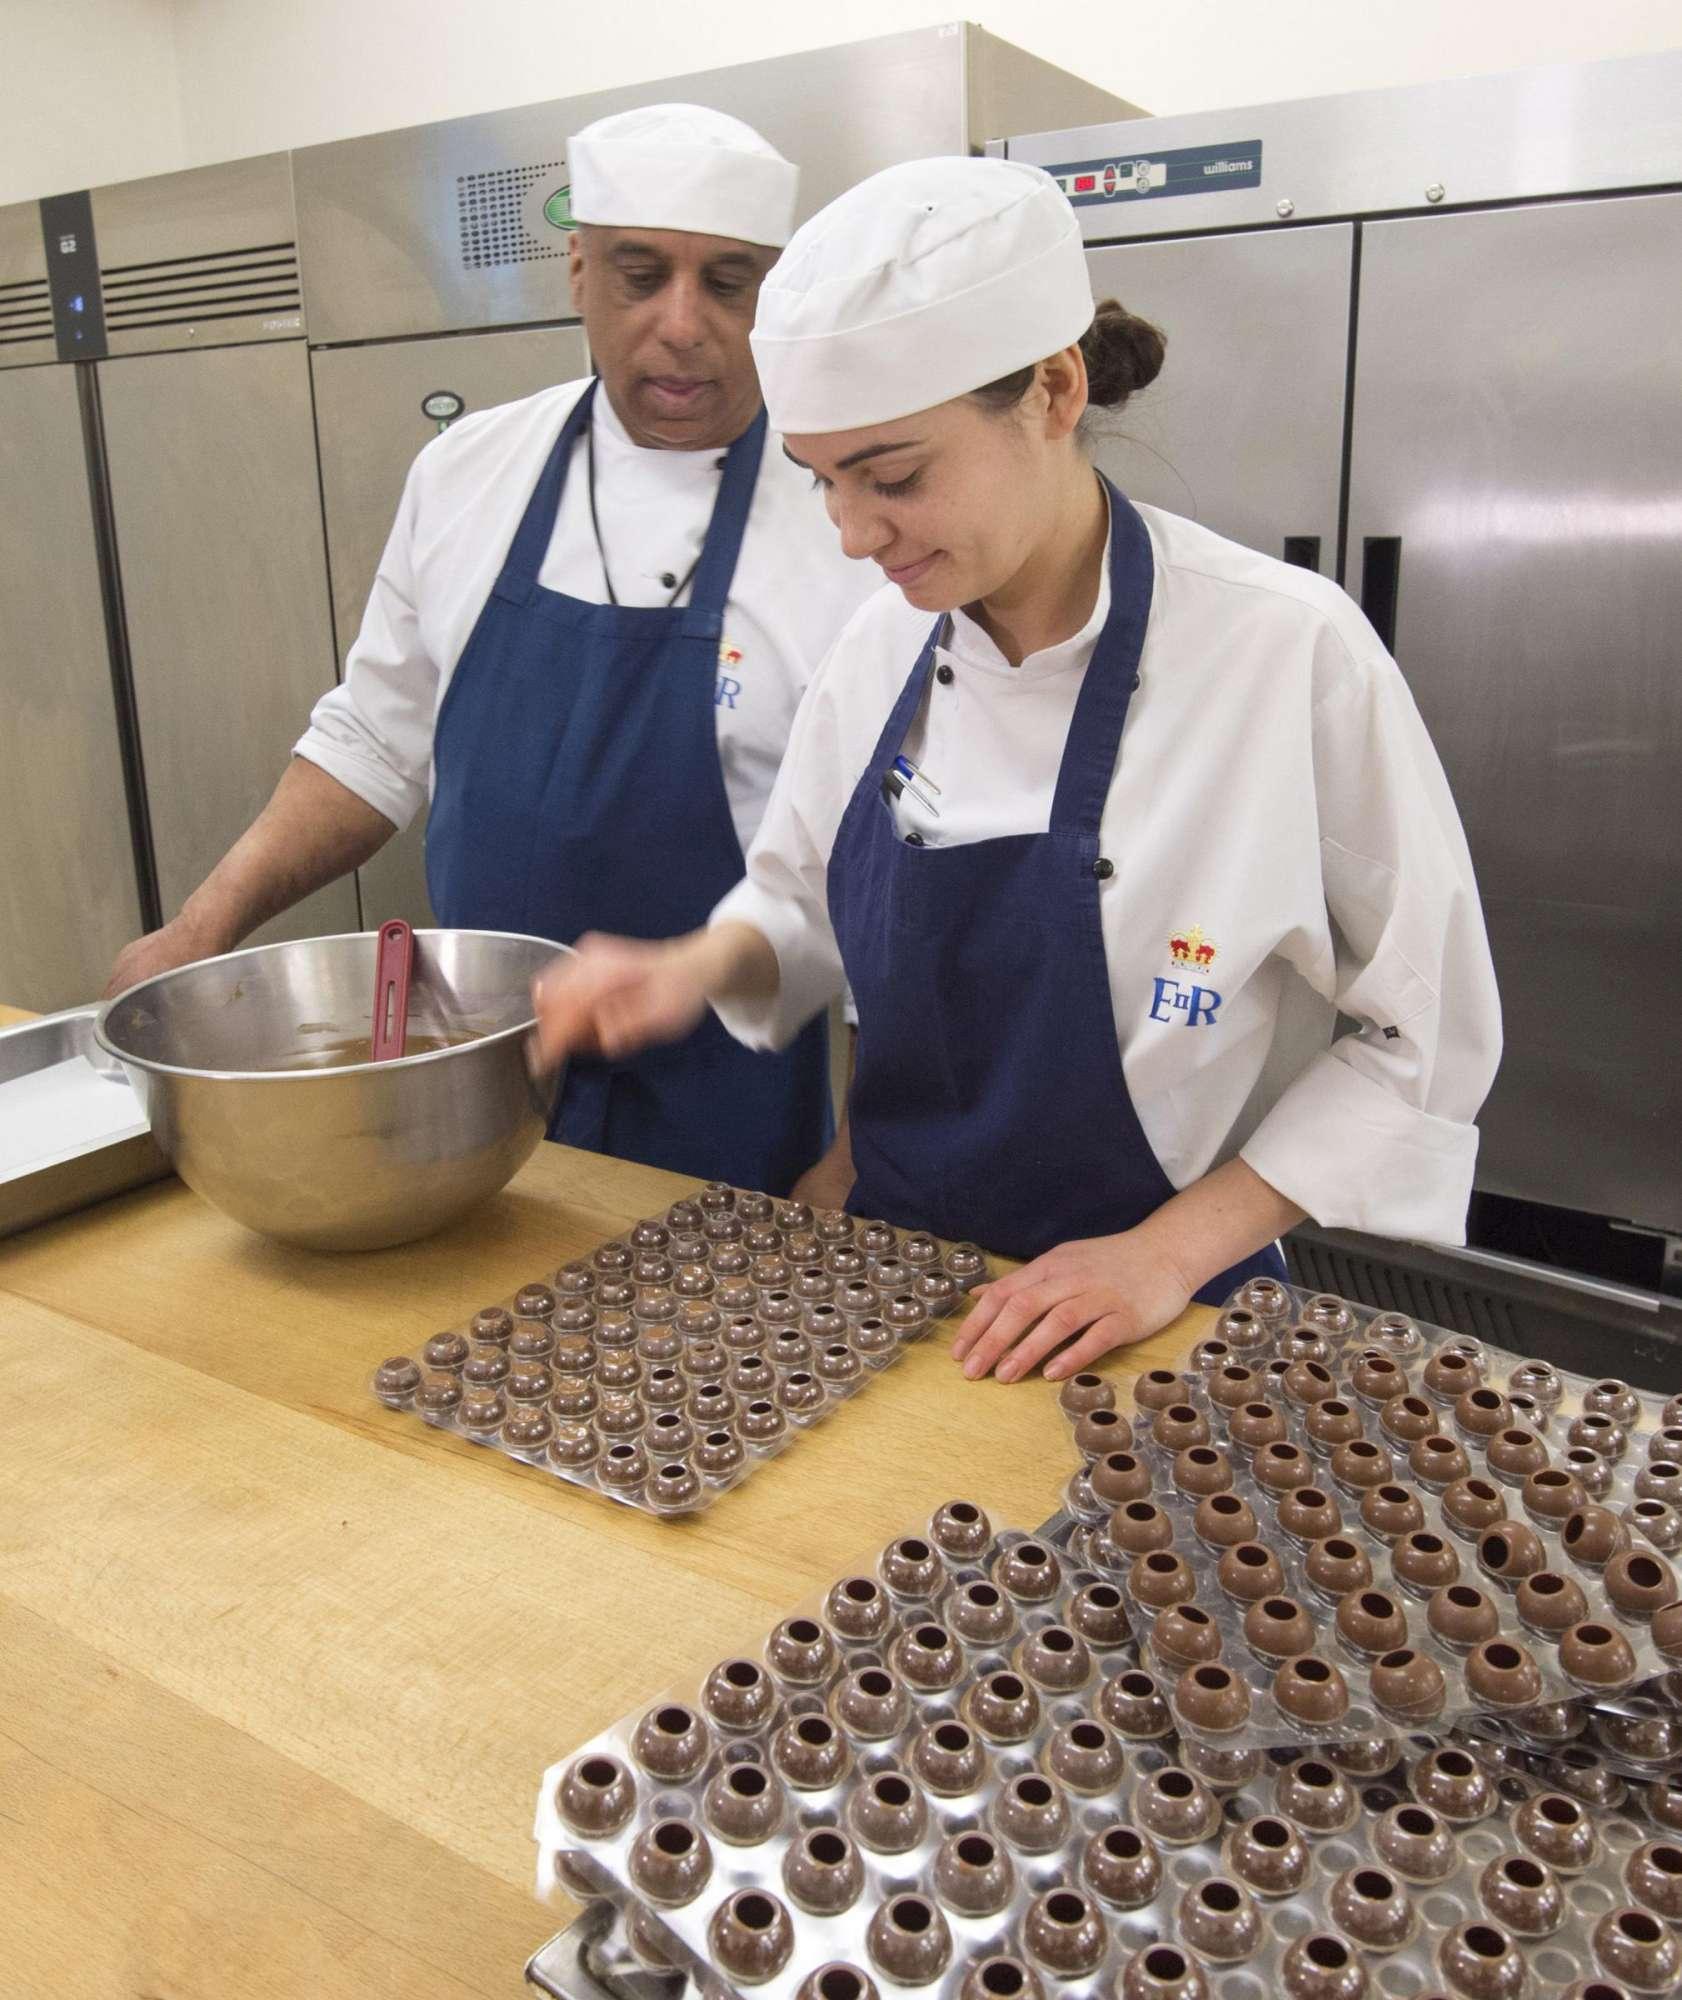 Nozze Harry-Meghan Markle, c'è fermento nelle cucine del Castello di Windsor